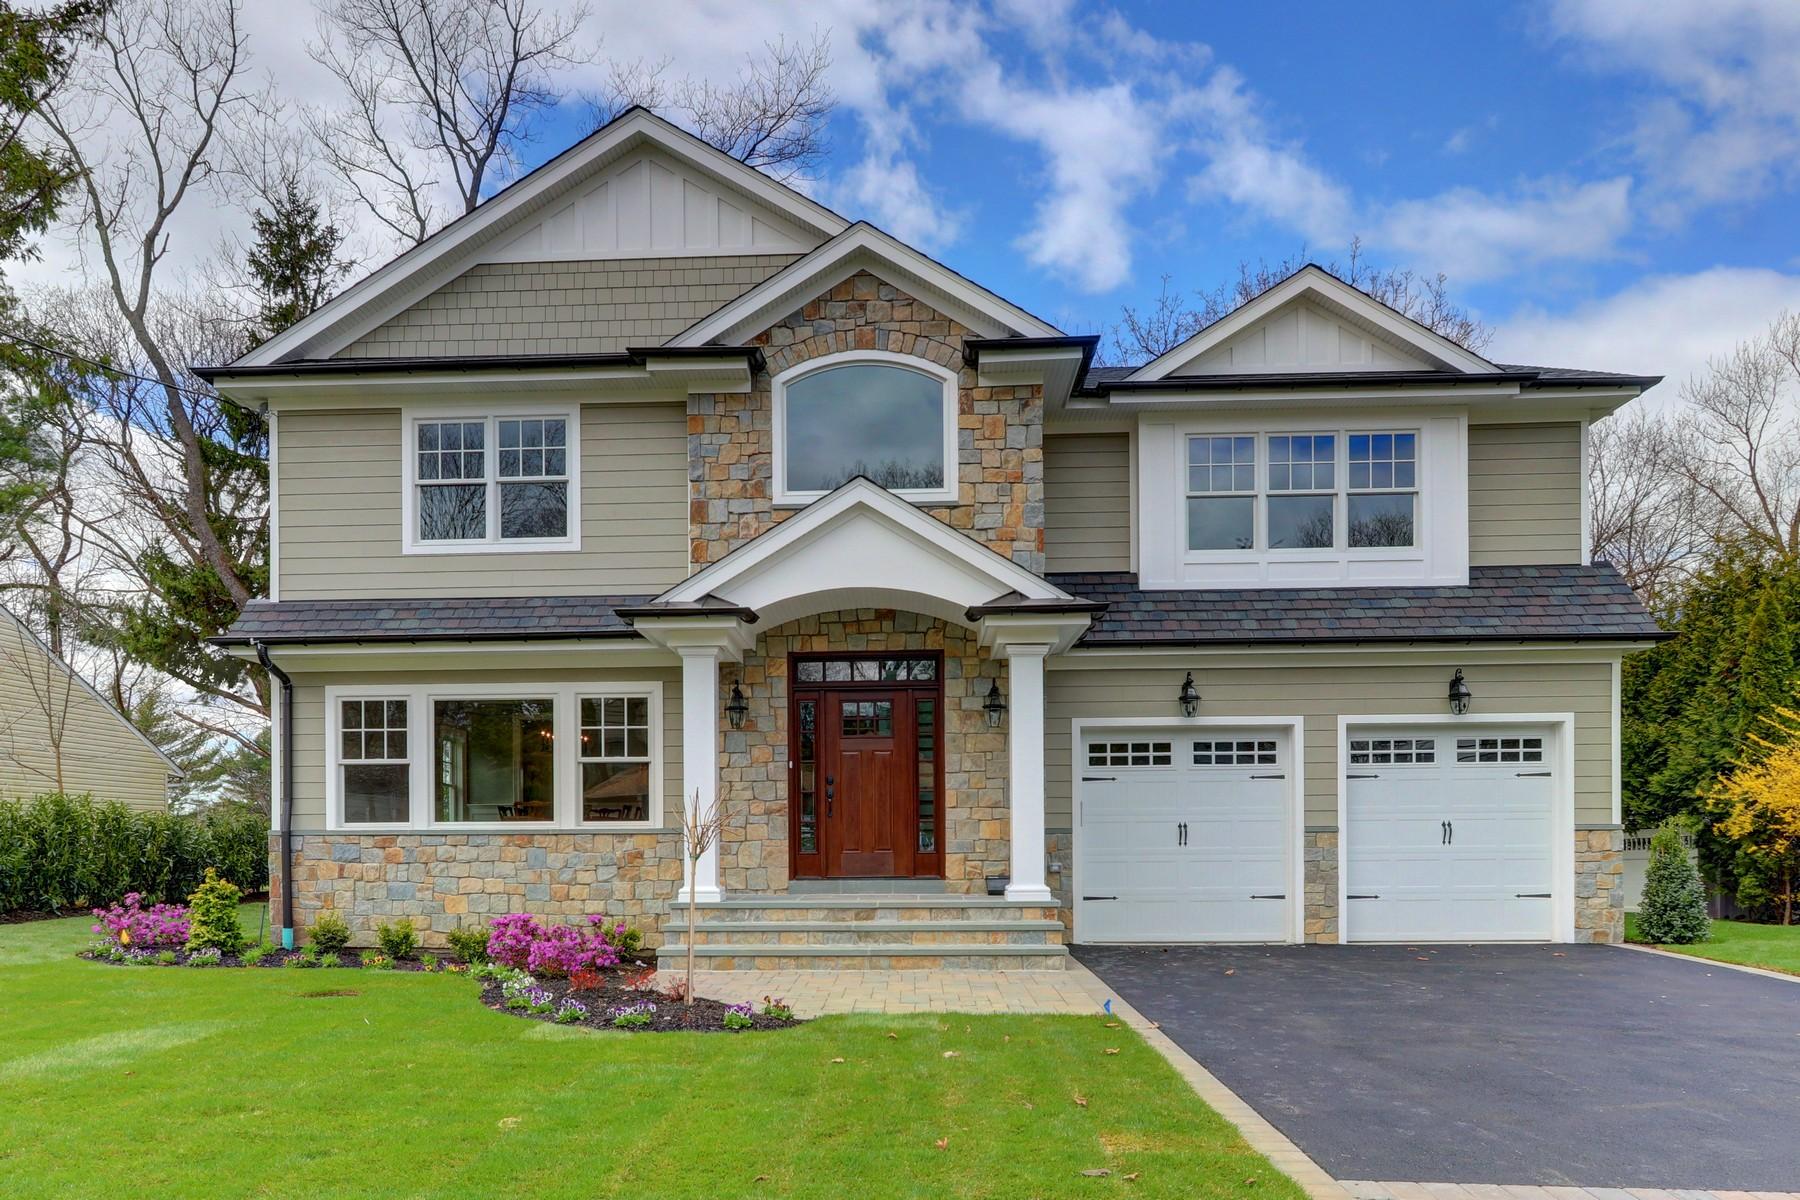 Частный односемейный дом для того Продажа на 17 Sycamore Dr , Roslyn, NY 11576 17 Sycamore Dr Roslyn, Нью-Йорк 11576 Соединенные Штаты